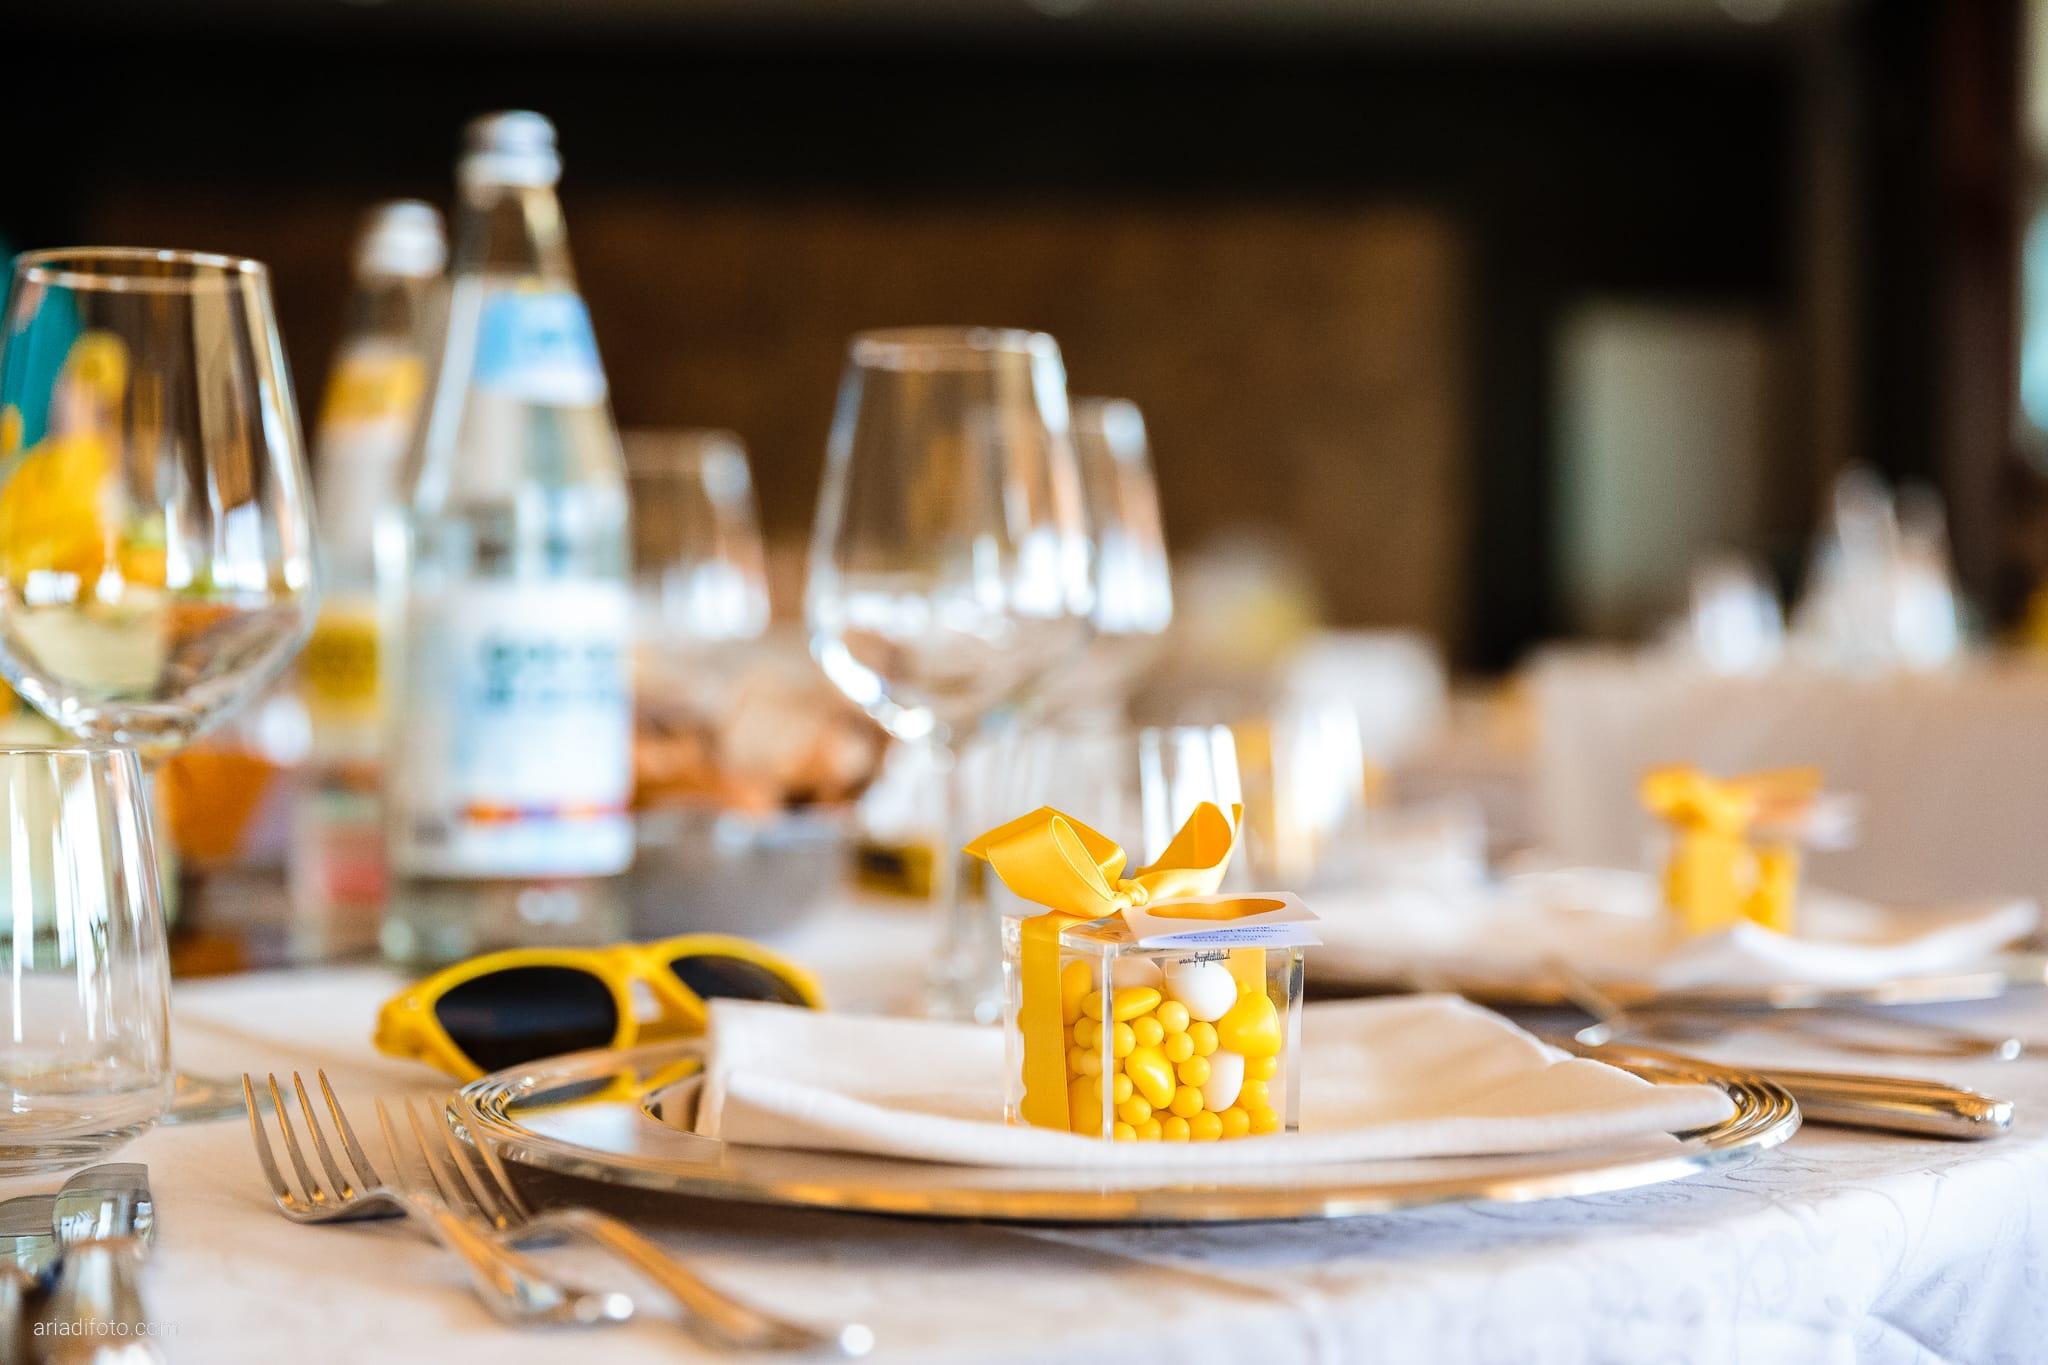 Michela Emilio Matrimonio Terrazze Riviera Trieste ricevimento dettagli allestimento decorazioni centrotavola tavoli bomboniere confetti